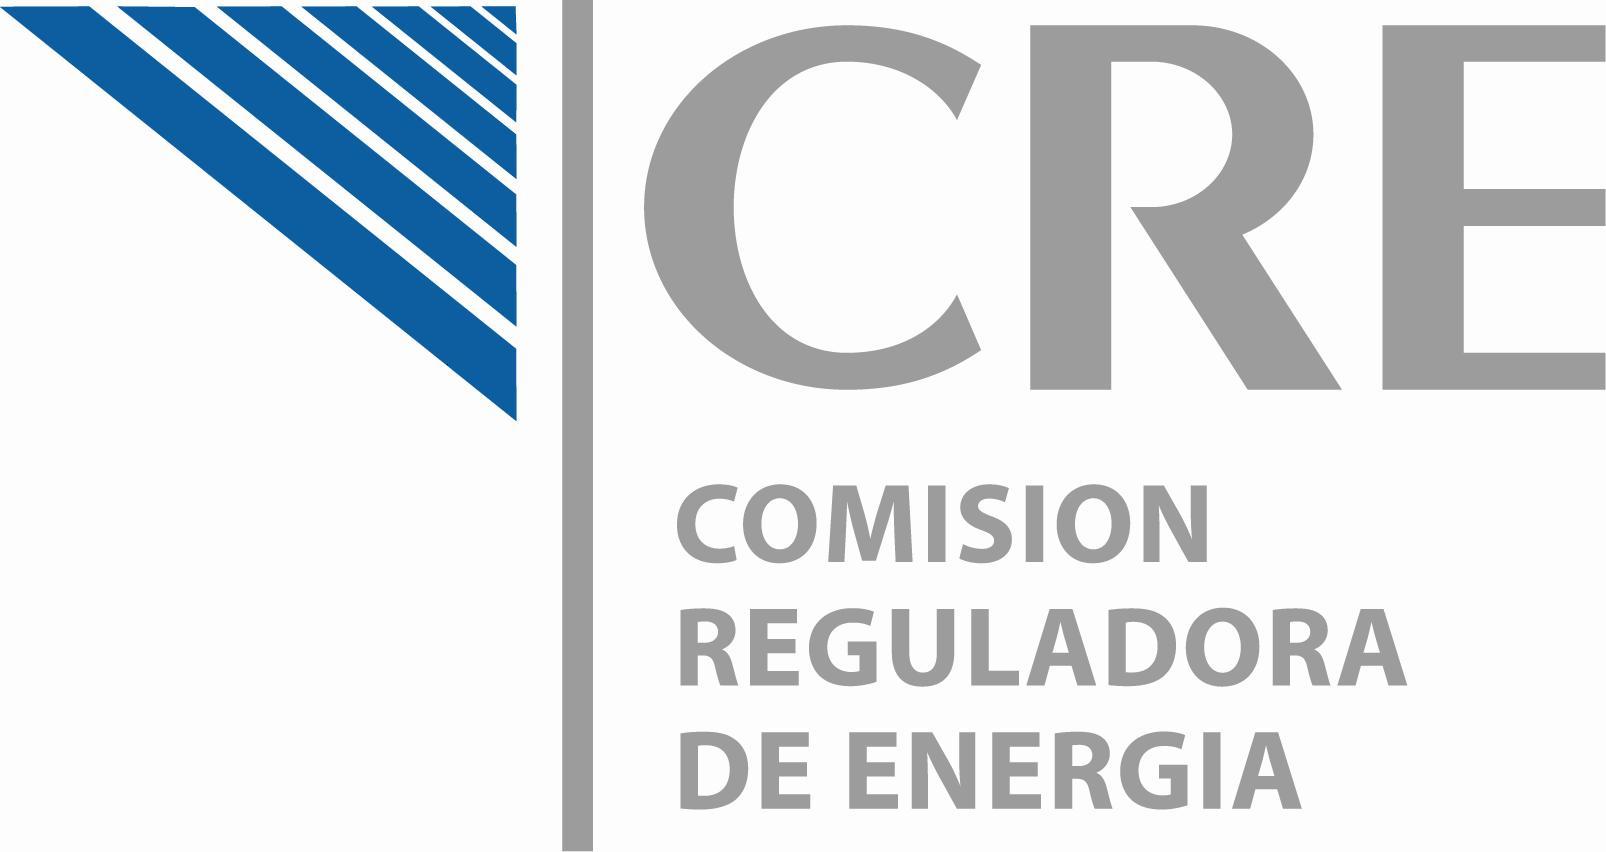 Días Inhábiles de la Comisión Reguladora de Energía 2019